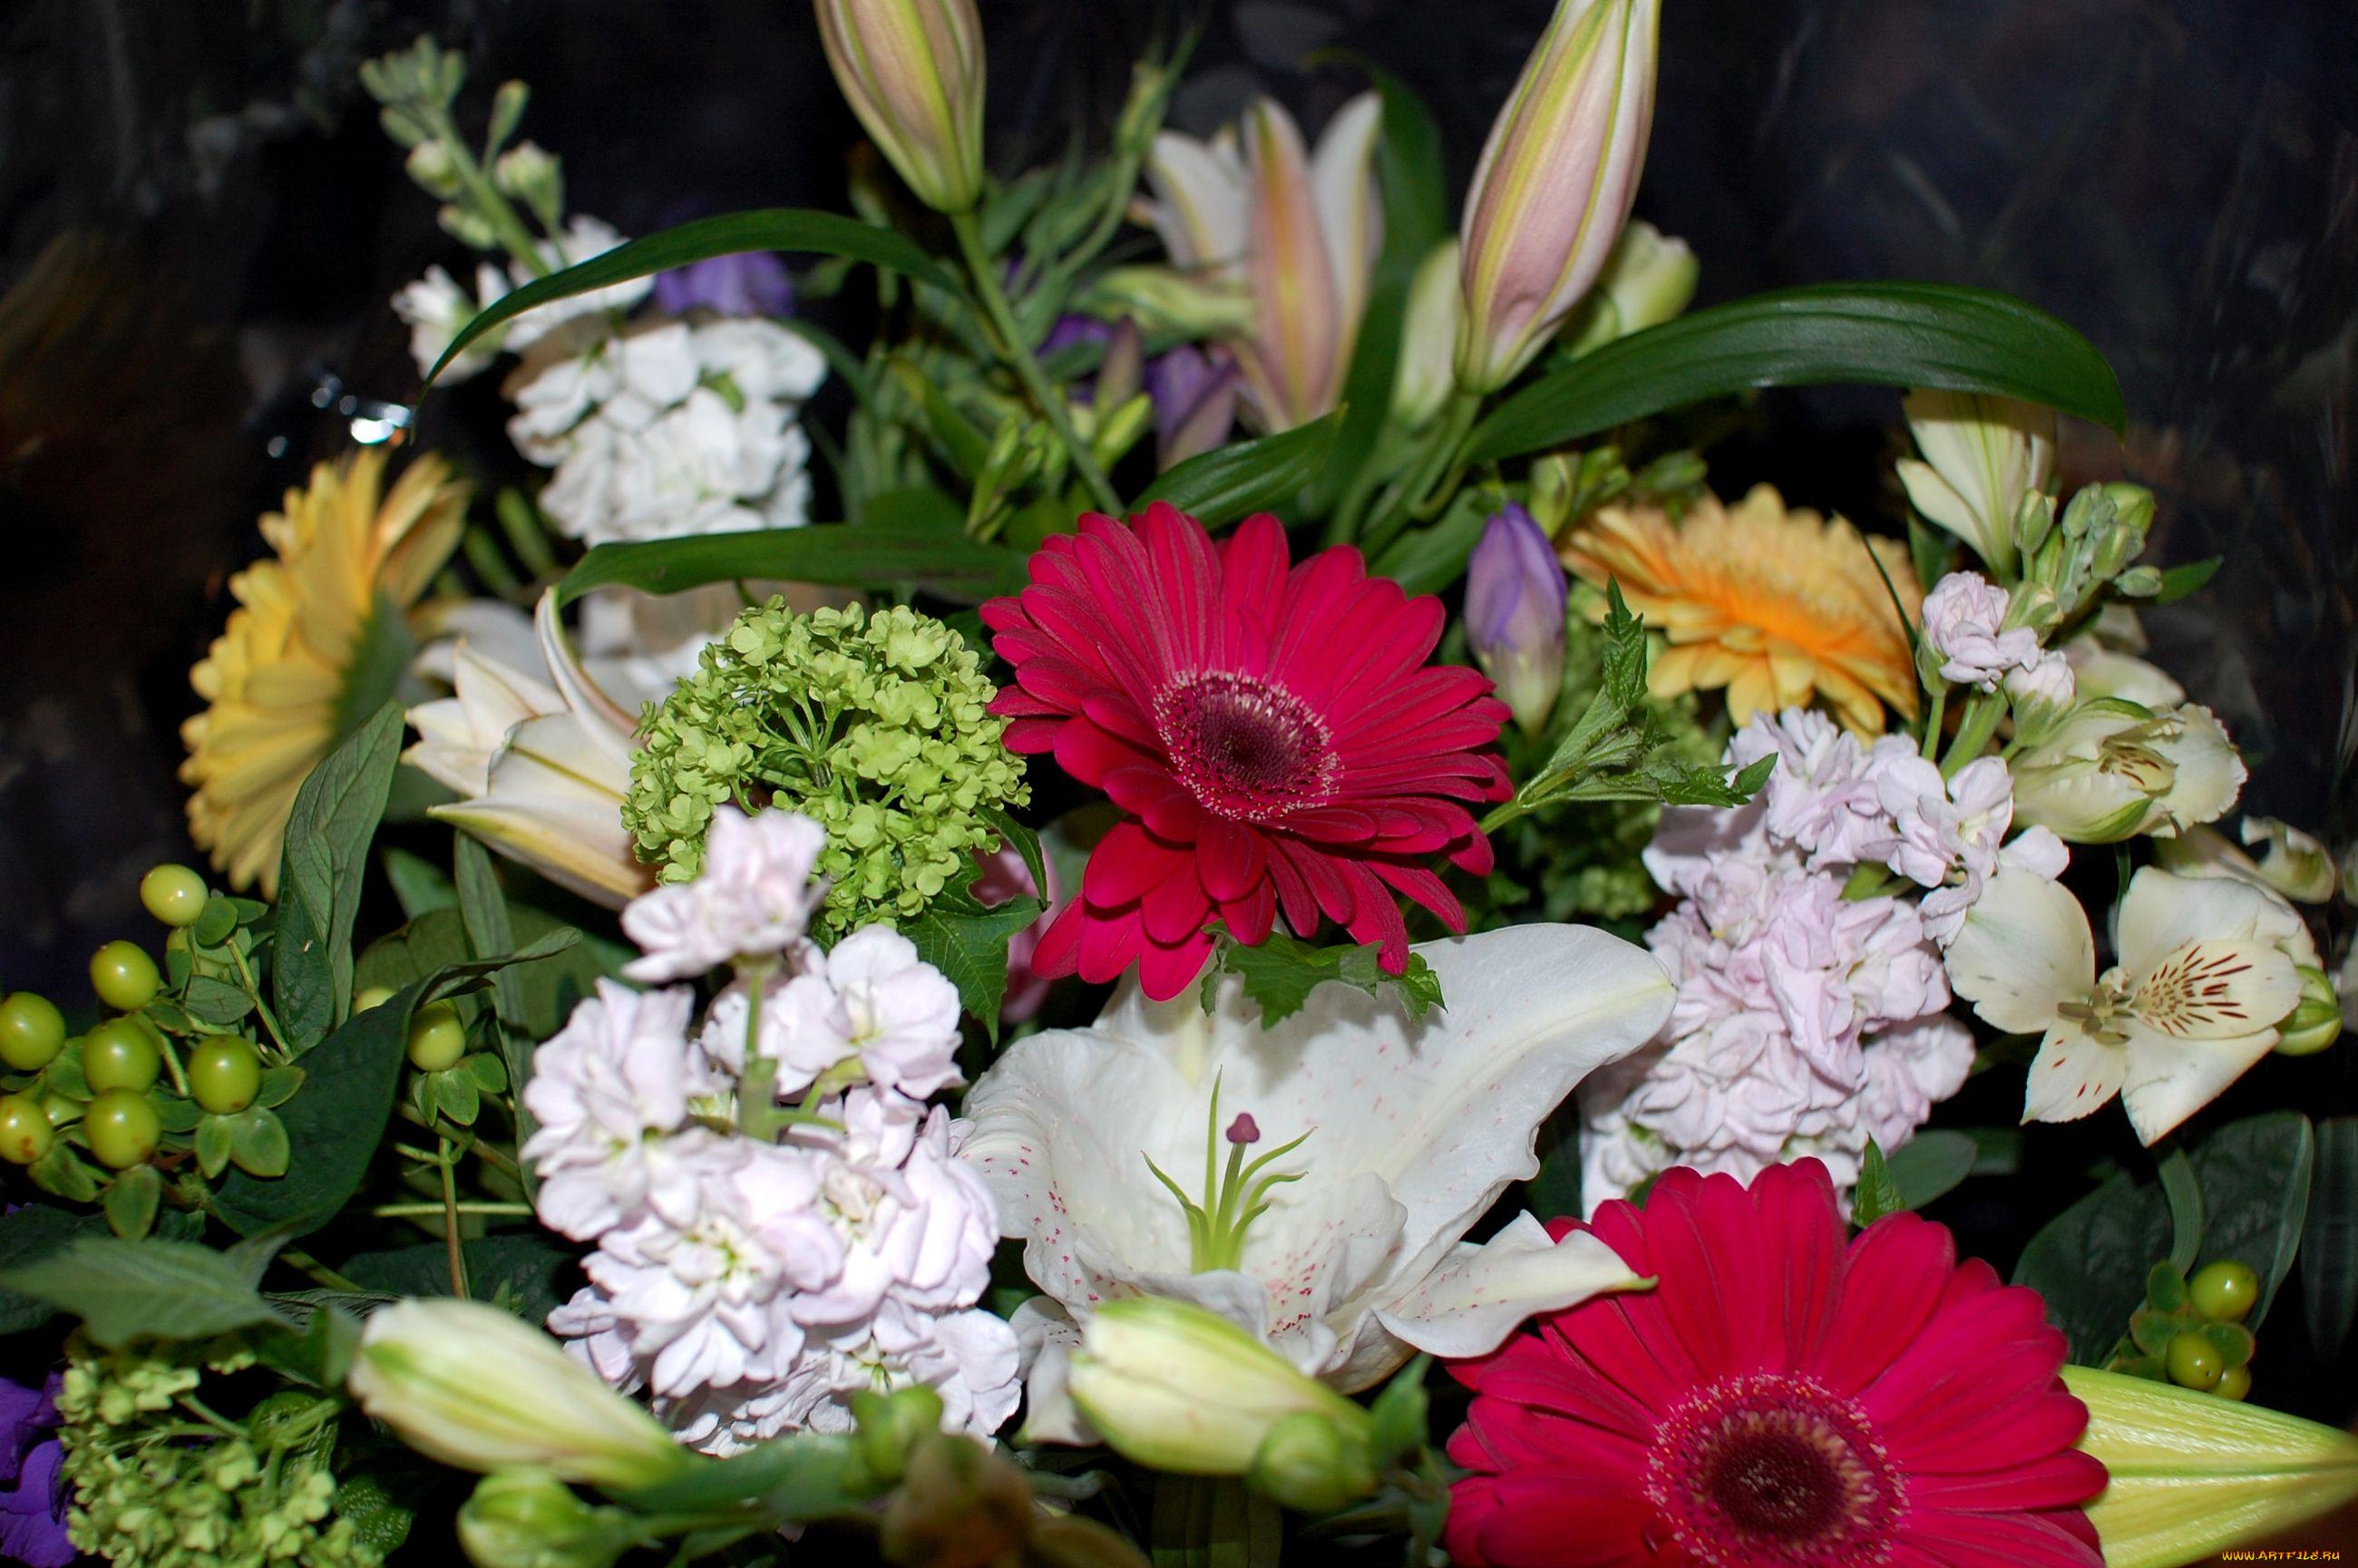 Букет цветов фото дома, букет алых роз